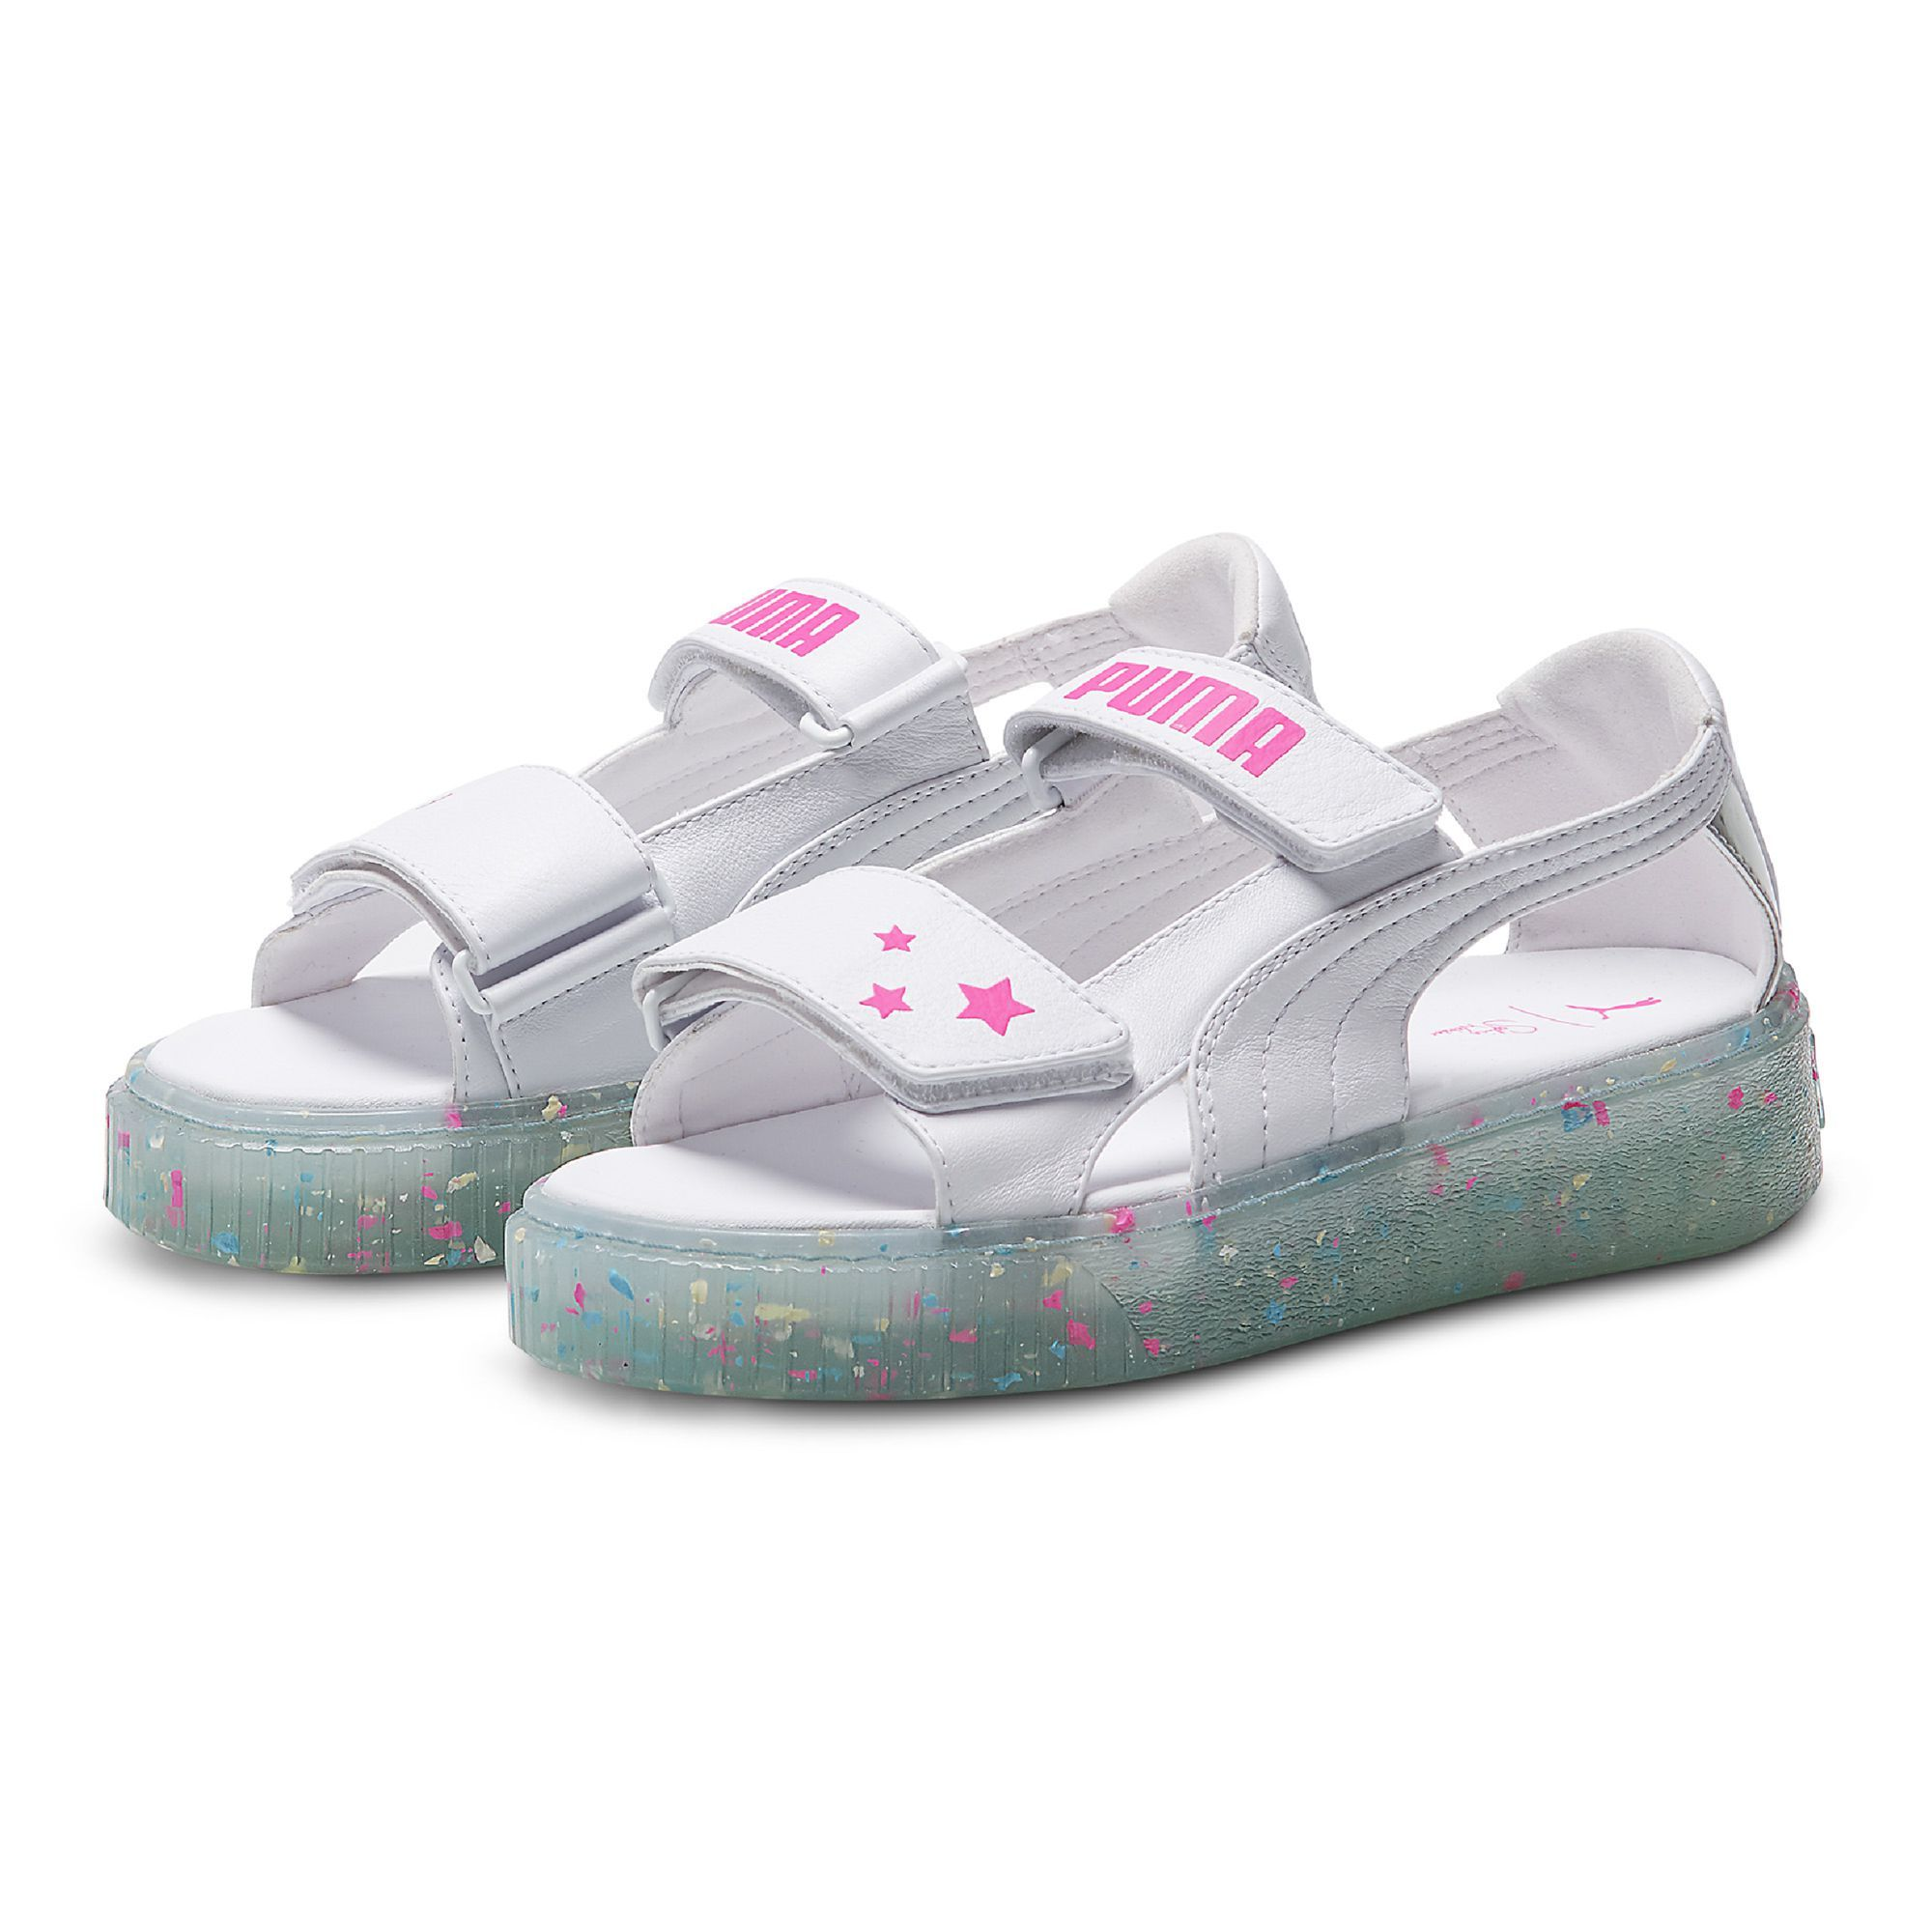 d63cc378a48a PUMA x SOPHIA WEBSTER Women s Platform Sandals